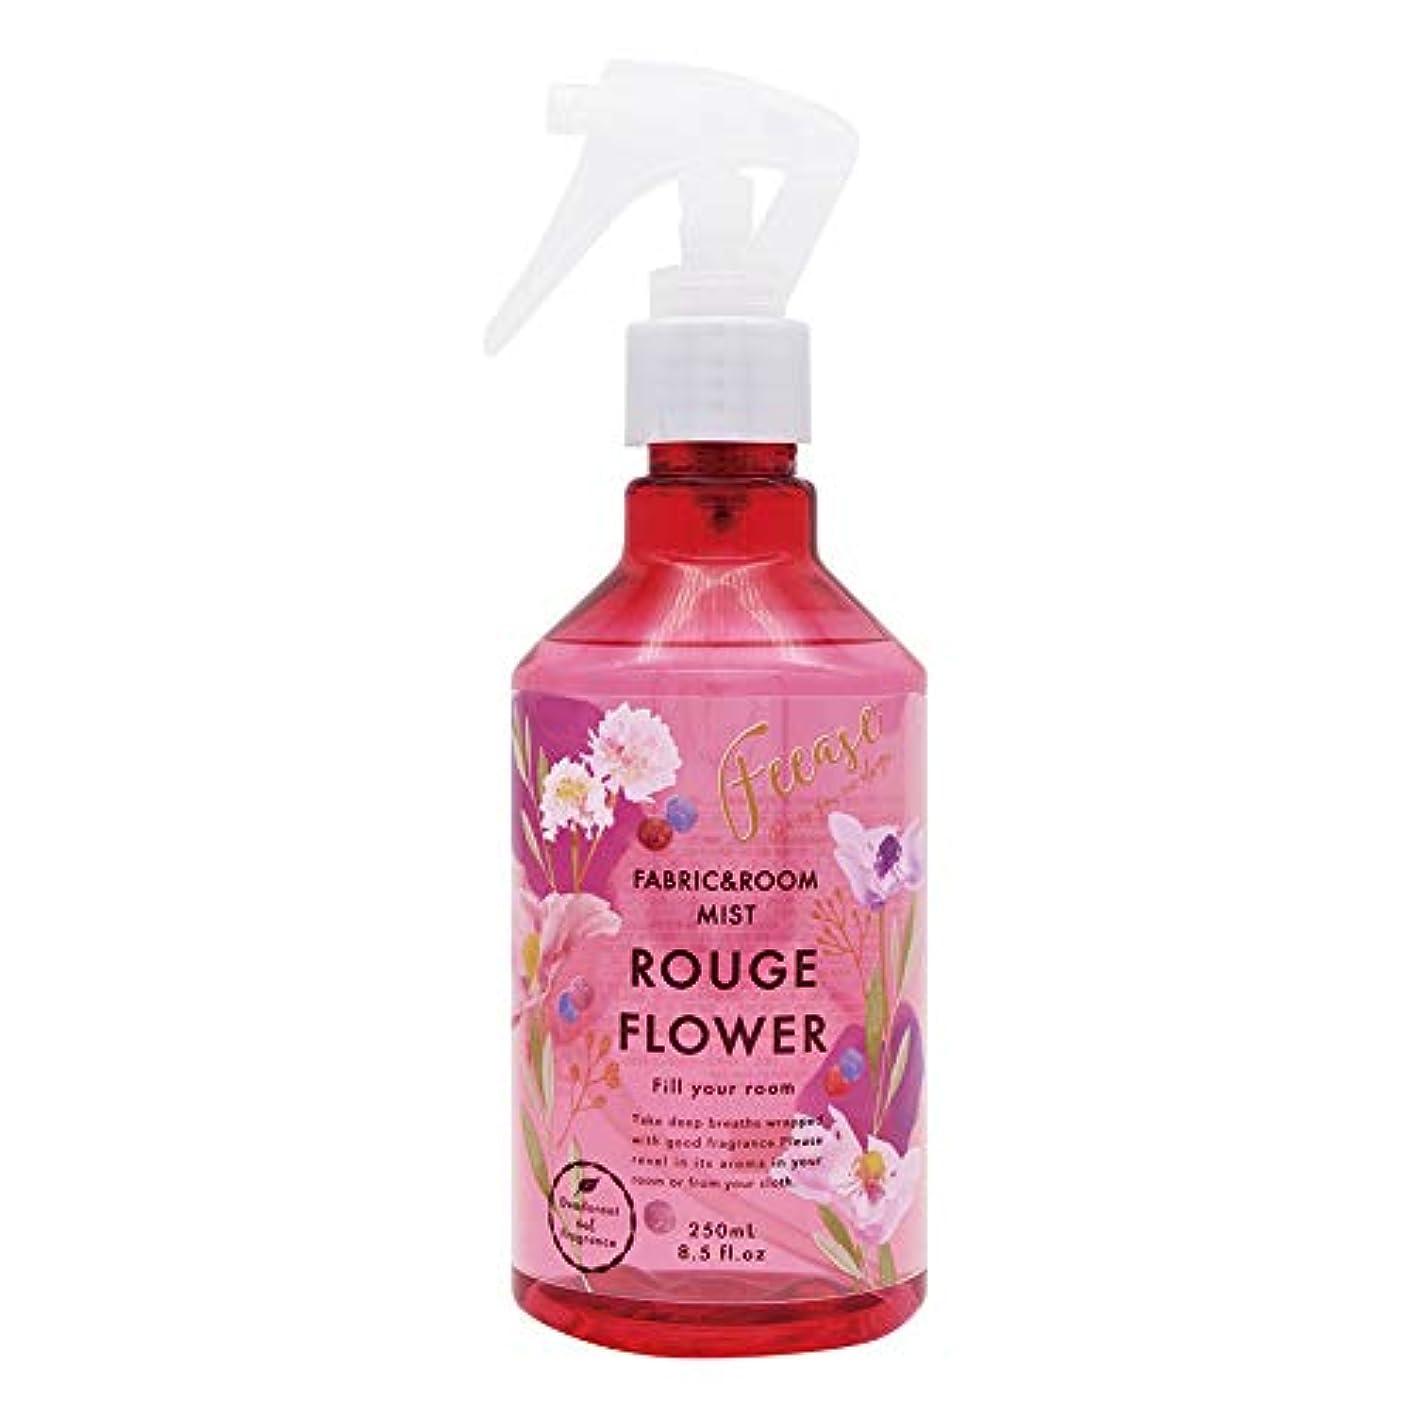 ソーダ水蘇生する取り除くノルコーポレーション ルーム&ファブリックミスト フィース 消臭成分配合 OA-FEE-1-1 ルージュフラワーの香り 250ml